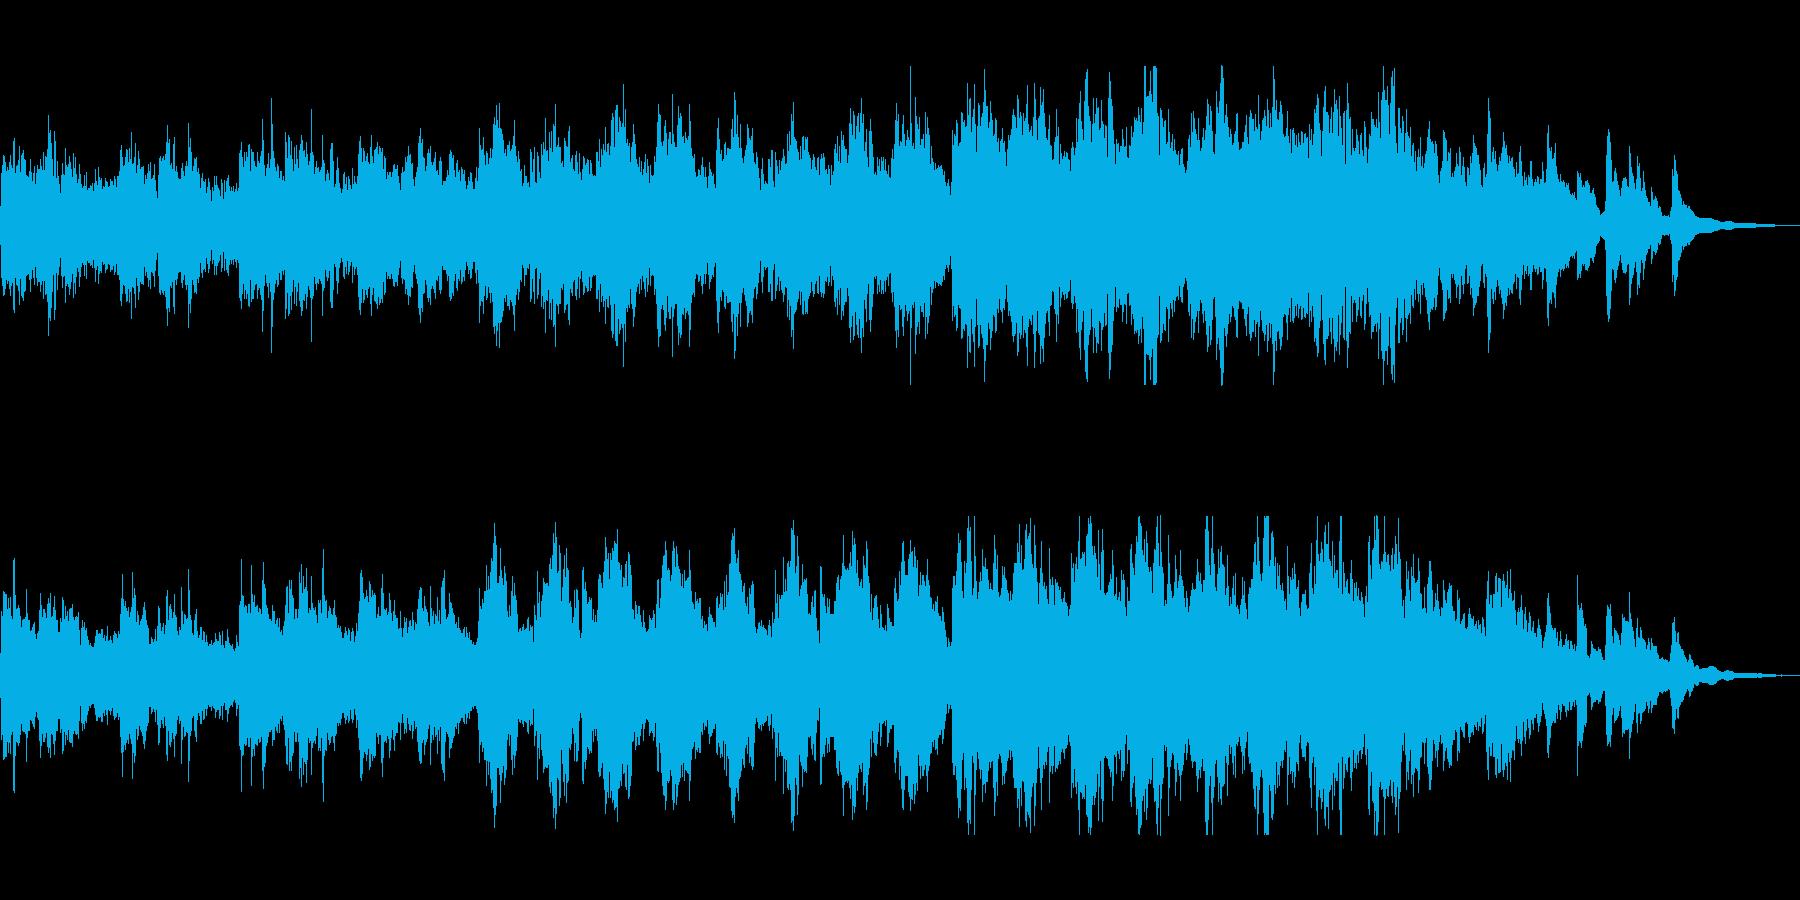 ハープの幻想的なヒーリングサウンドの再生済みの波形